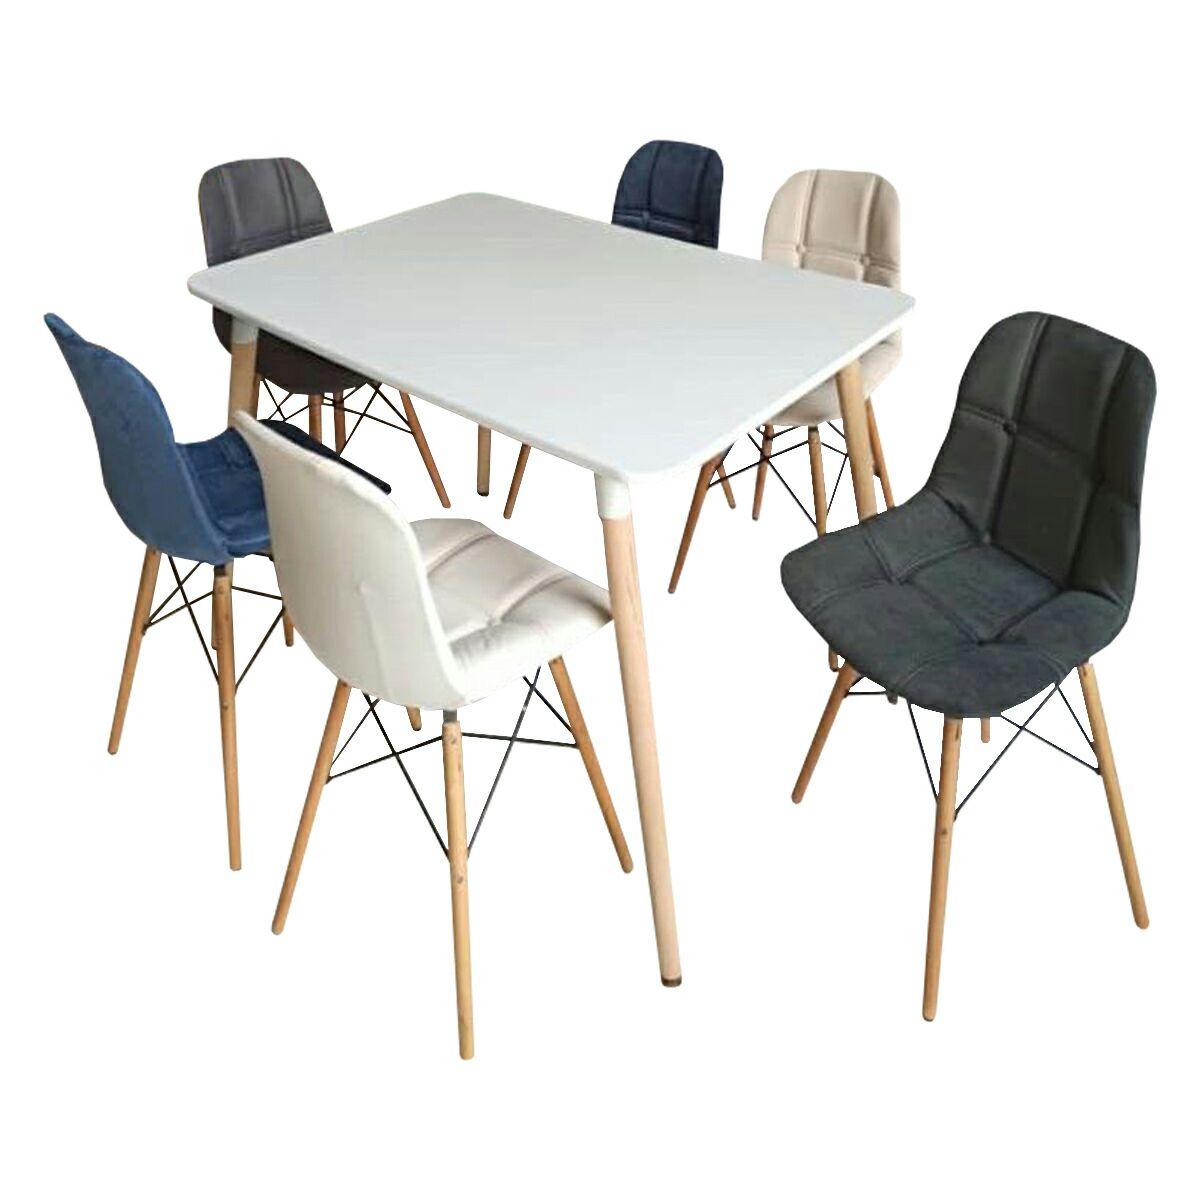 میز و صندلی ناهار خوری 6 نفره مدل A89